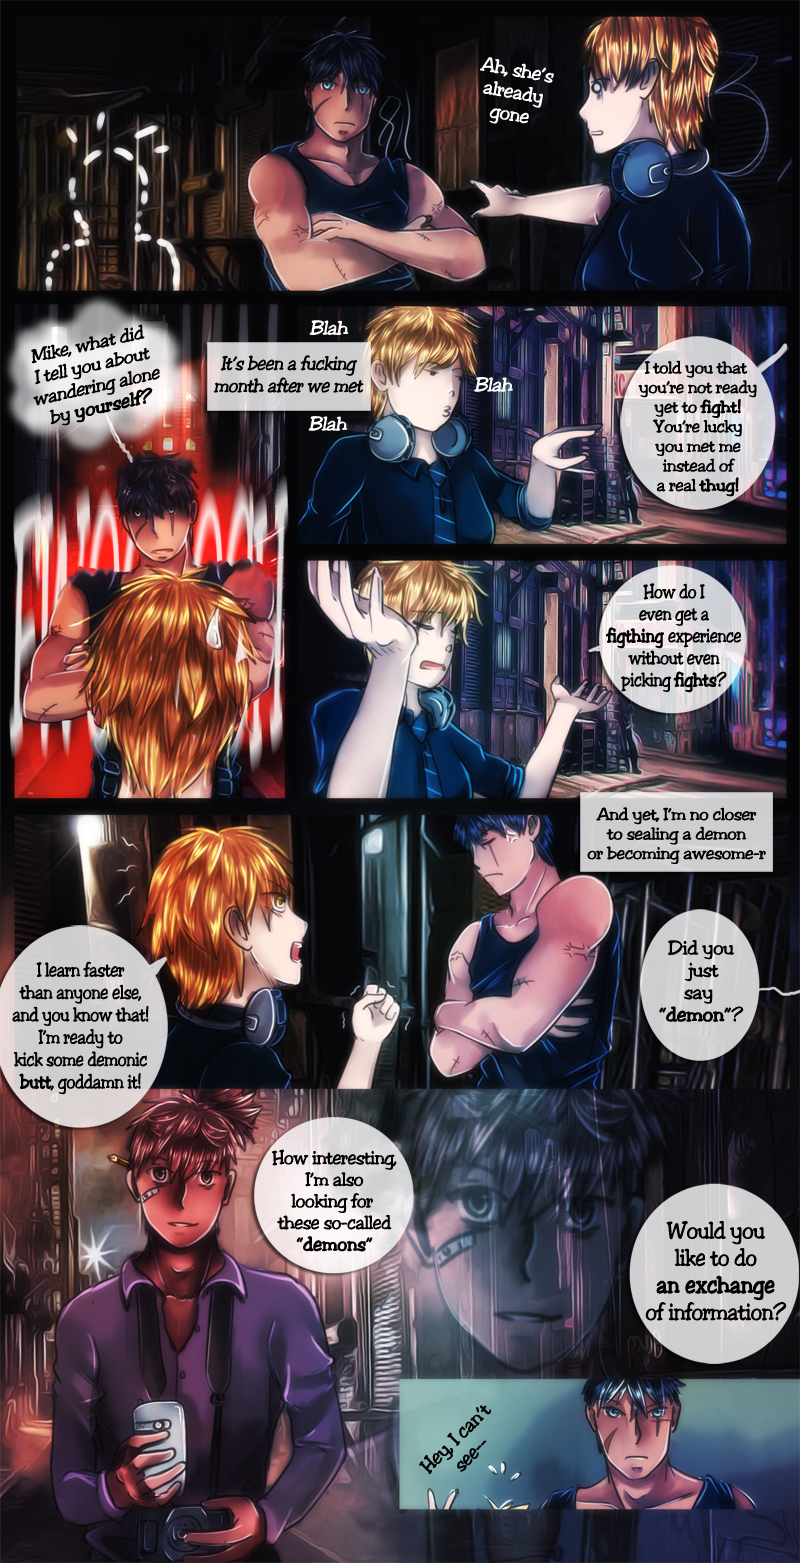 Re:Set - A Wacky Magical Adventure in The Modern Era Re_set_webcomics___chapter_3_pg_2_by_azurextwilight_rllz-d9eyg19